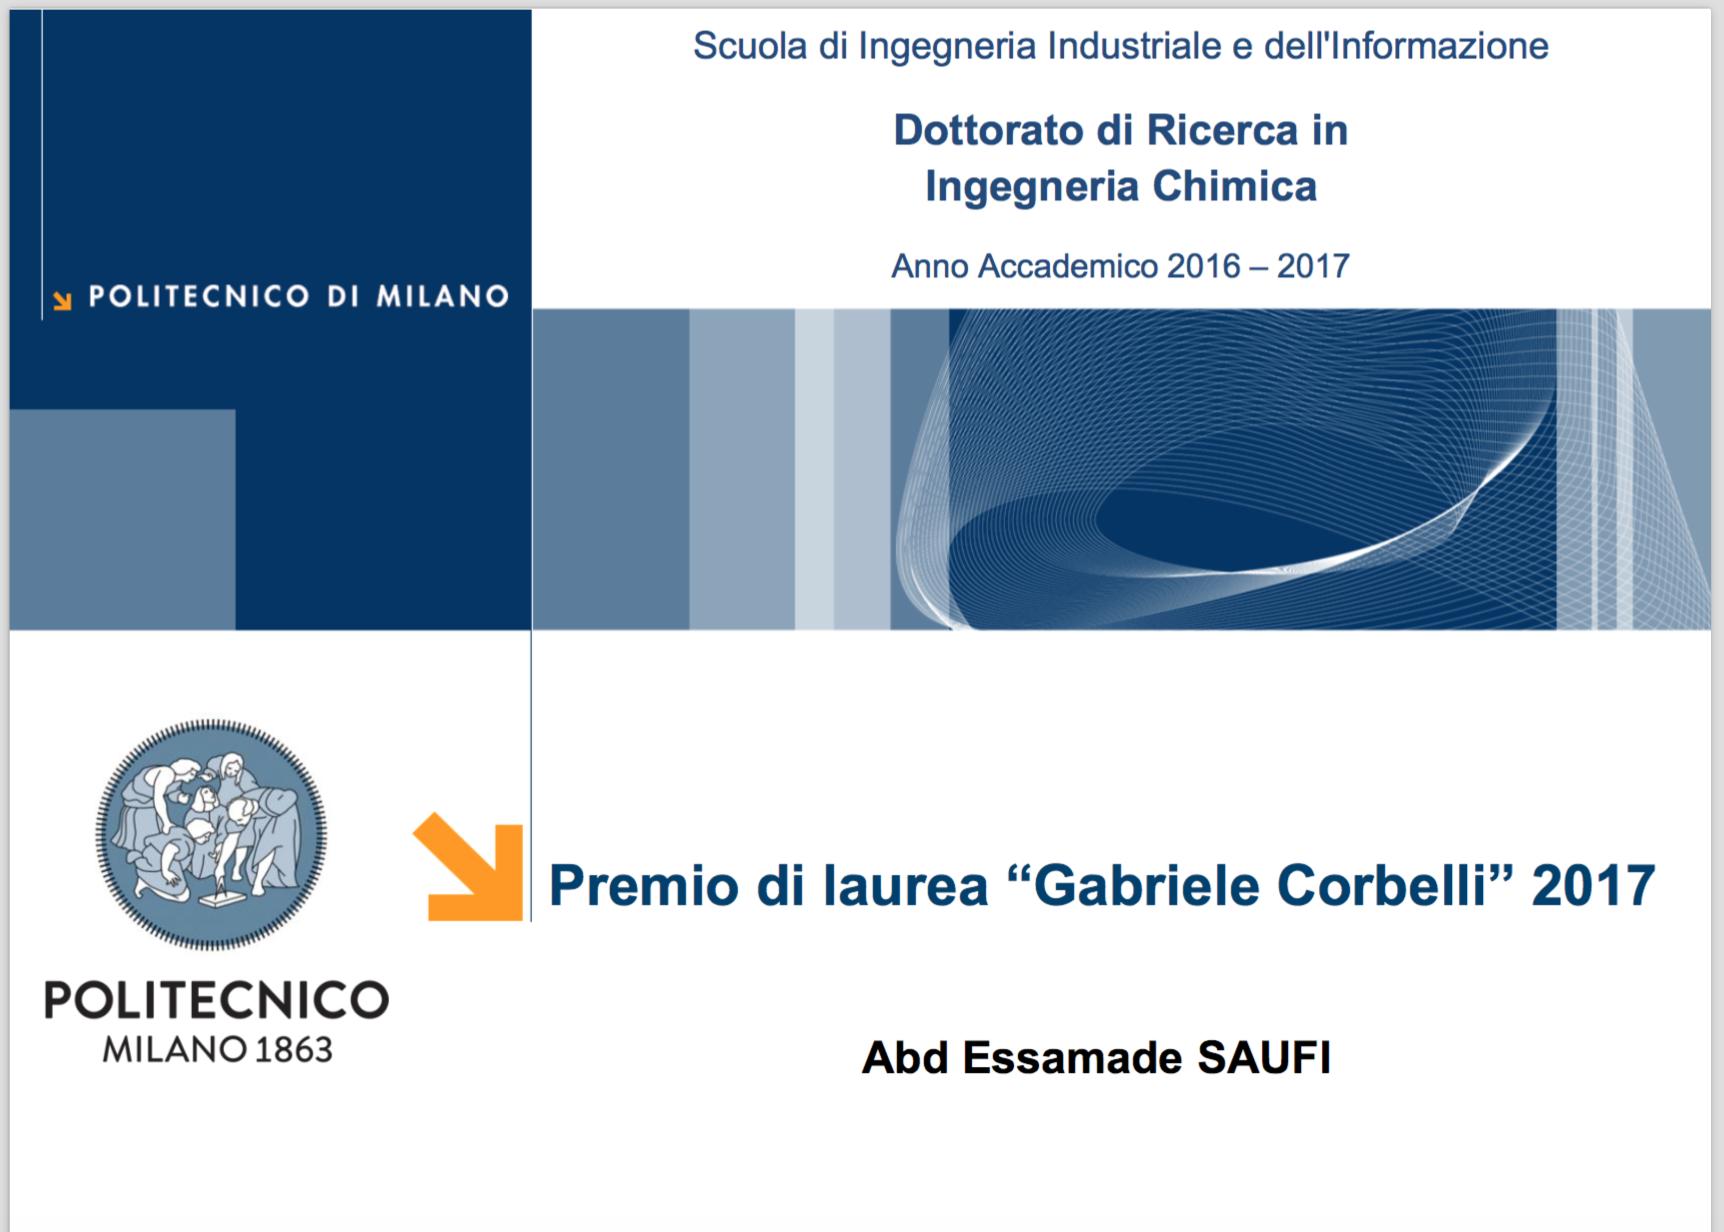 Dottorato-x-Gabriele